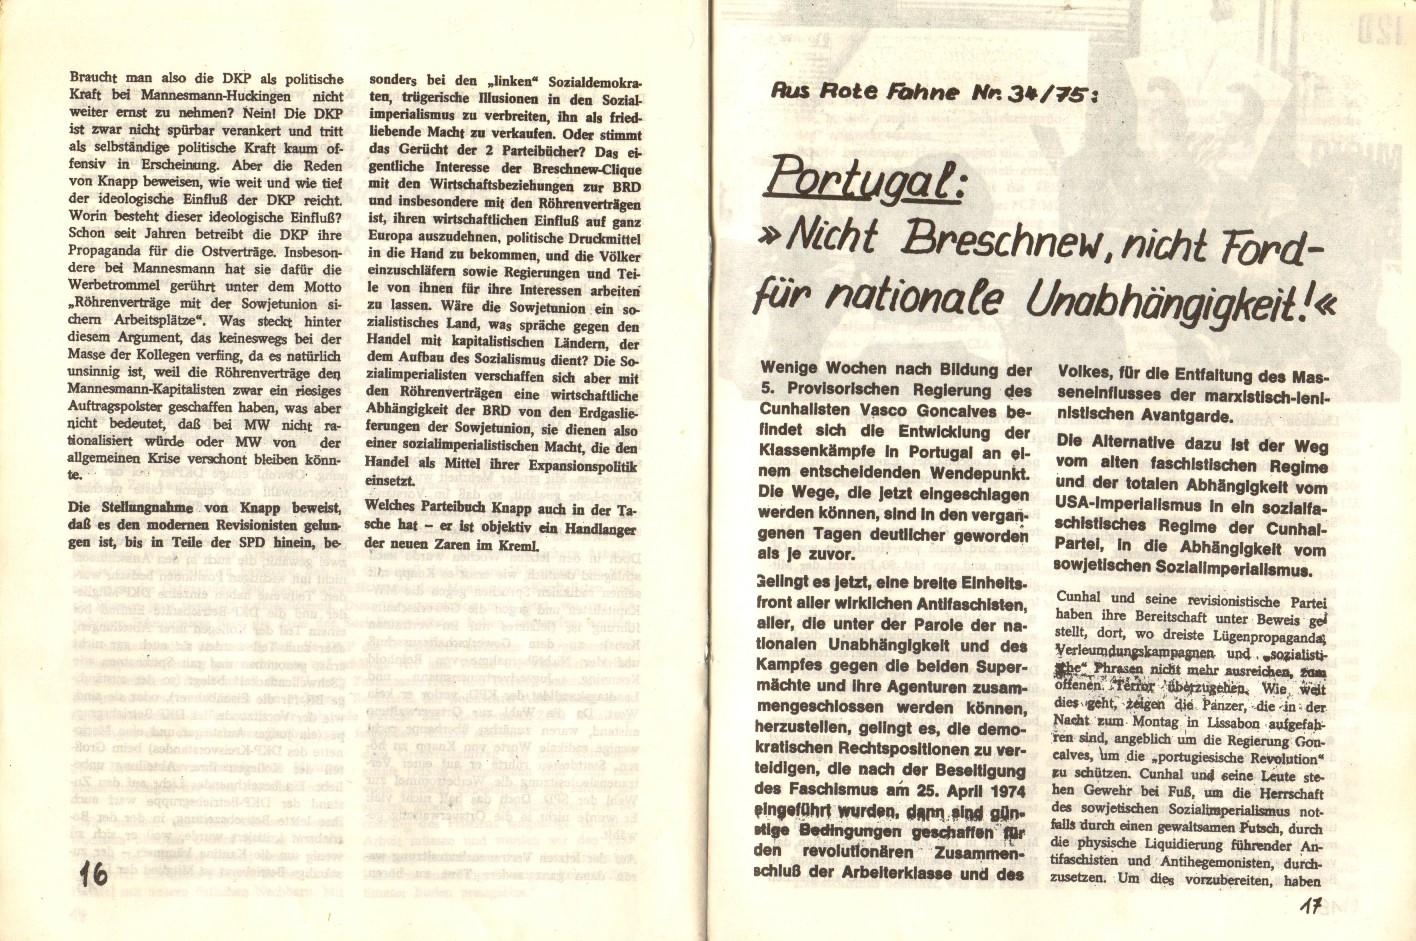 NRW_AO_1975_UZ_Sprachrohr_der_Kremlzaren_11